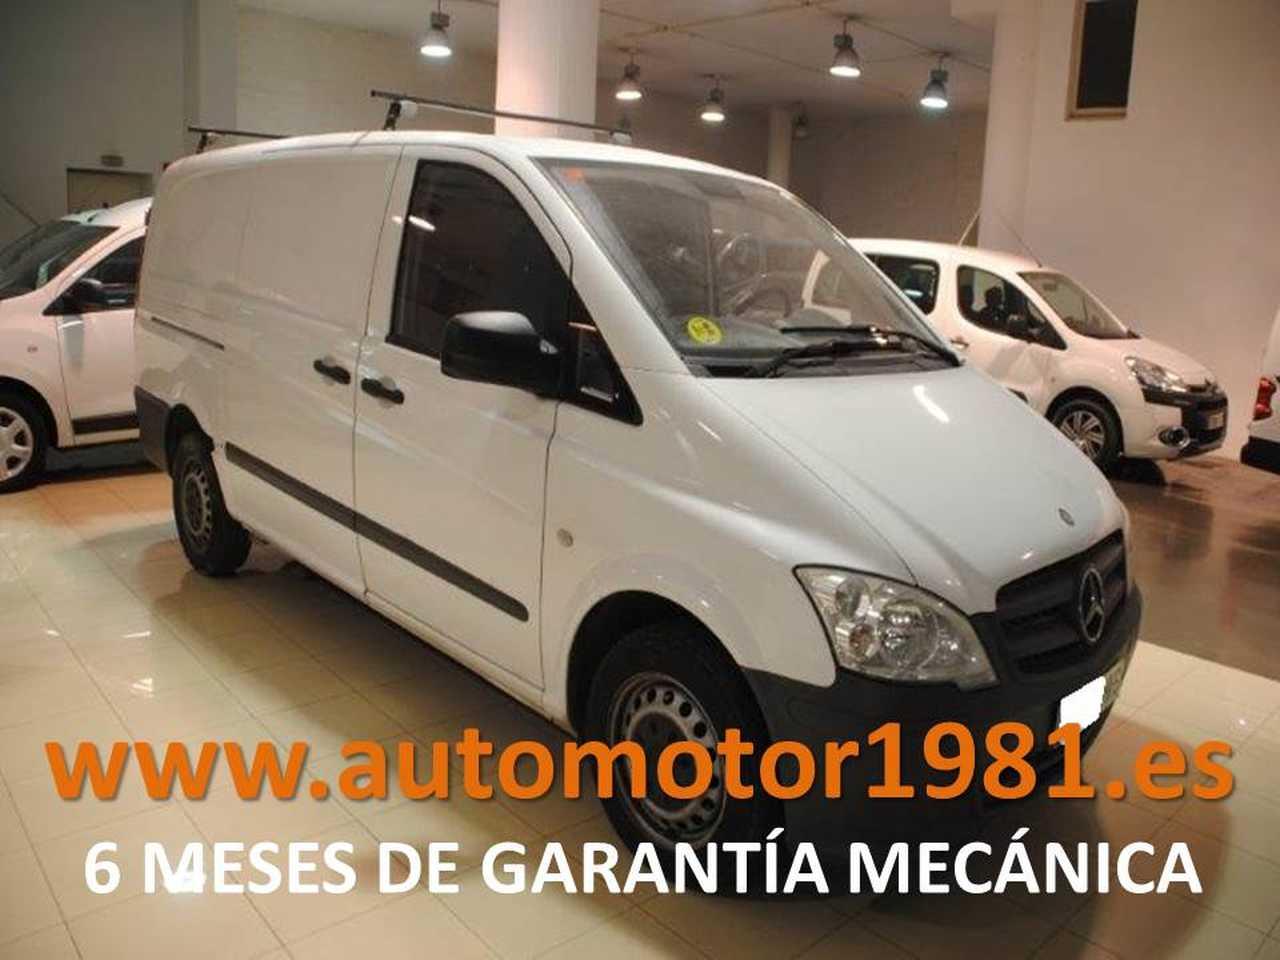 Mercedes Vito Furgón 113CDI Larga - 6 MESES GARANTIA MECANICA  - Foto 1